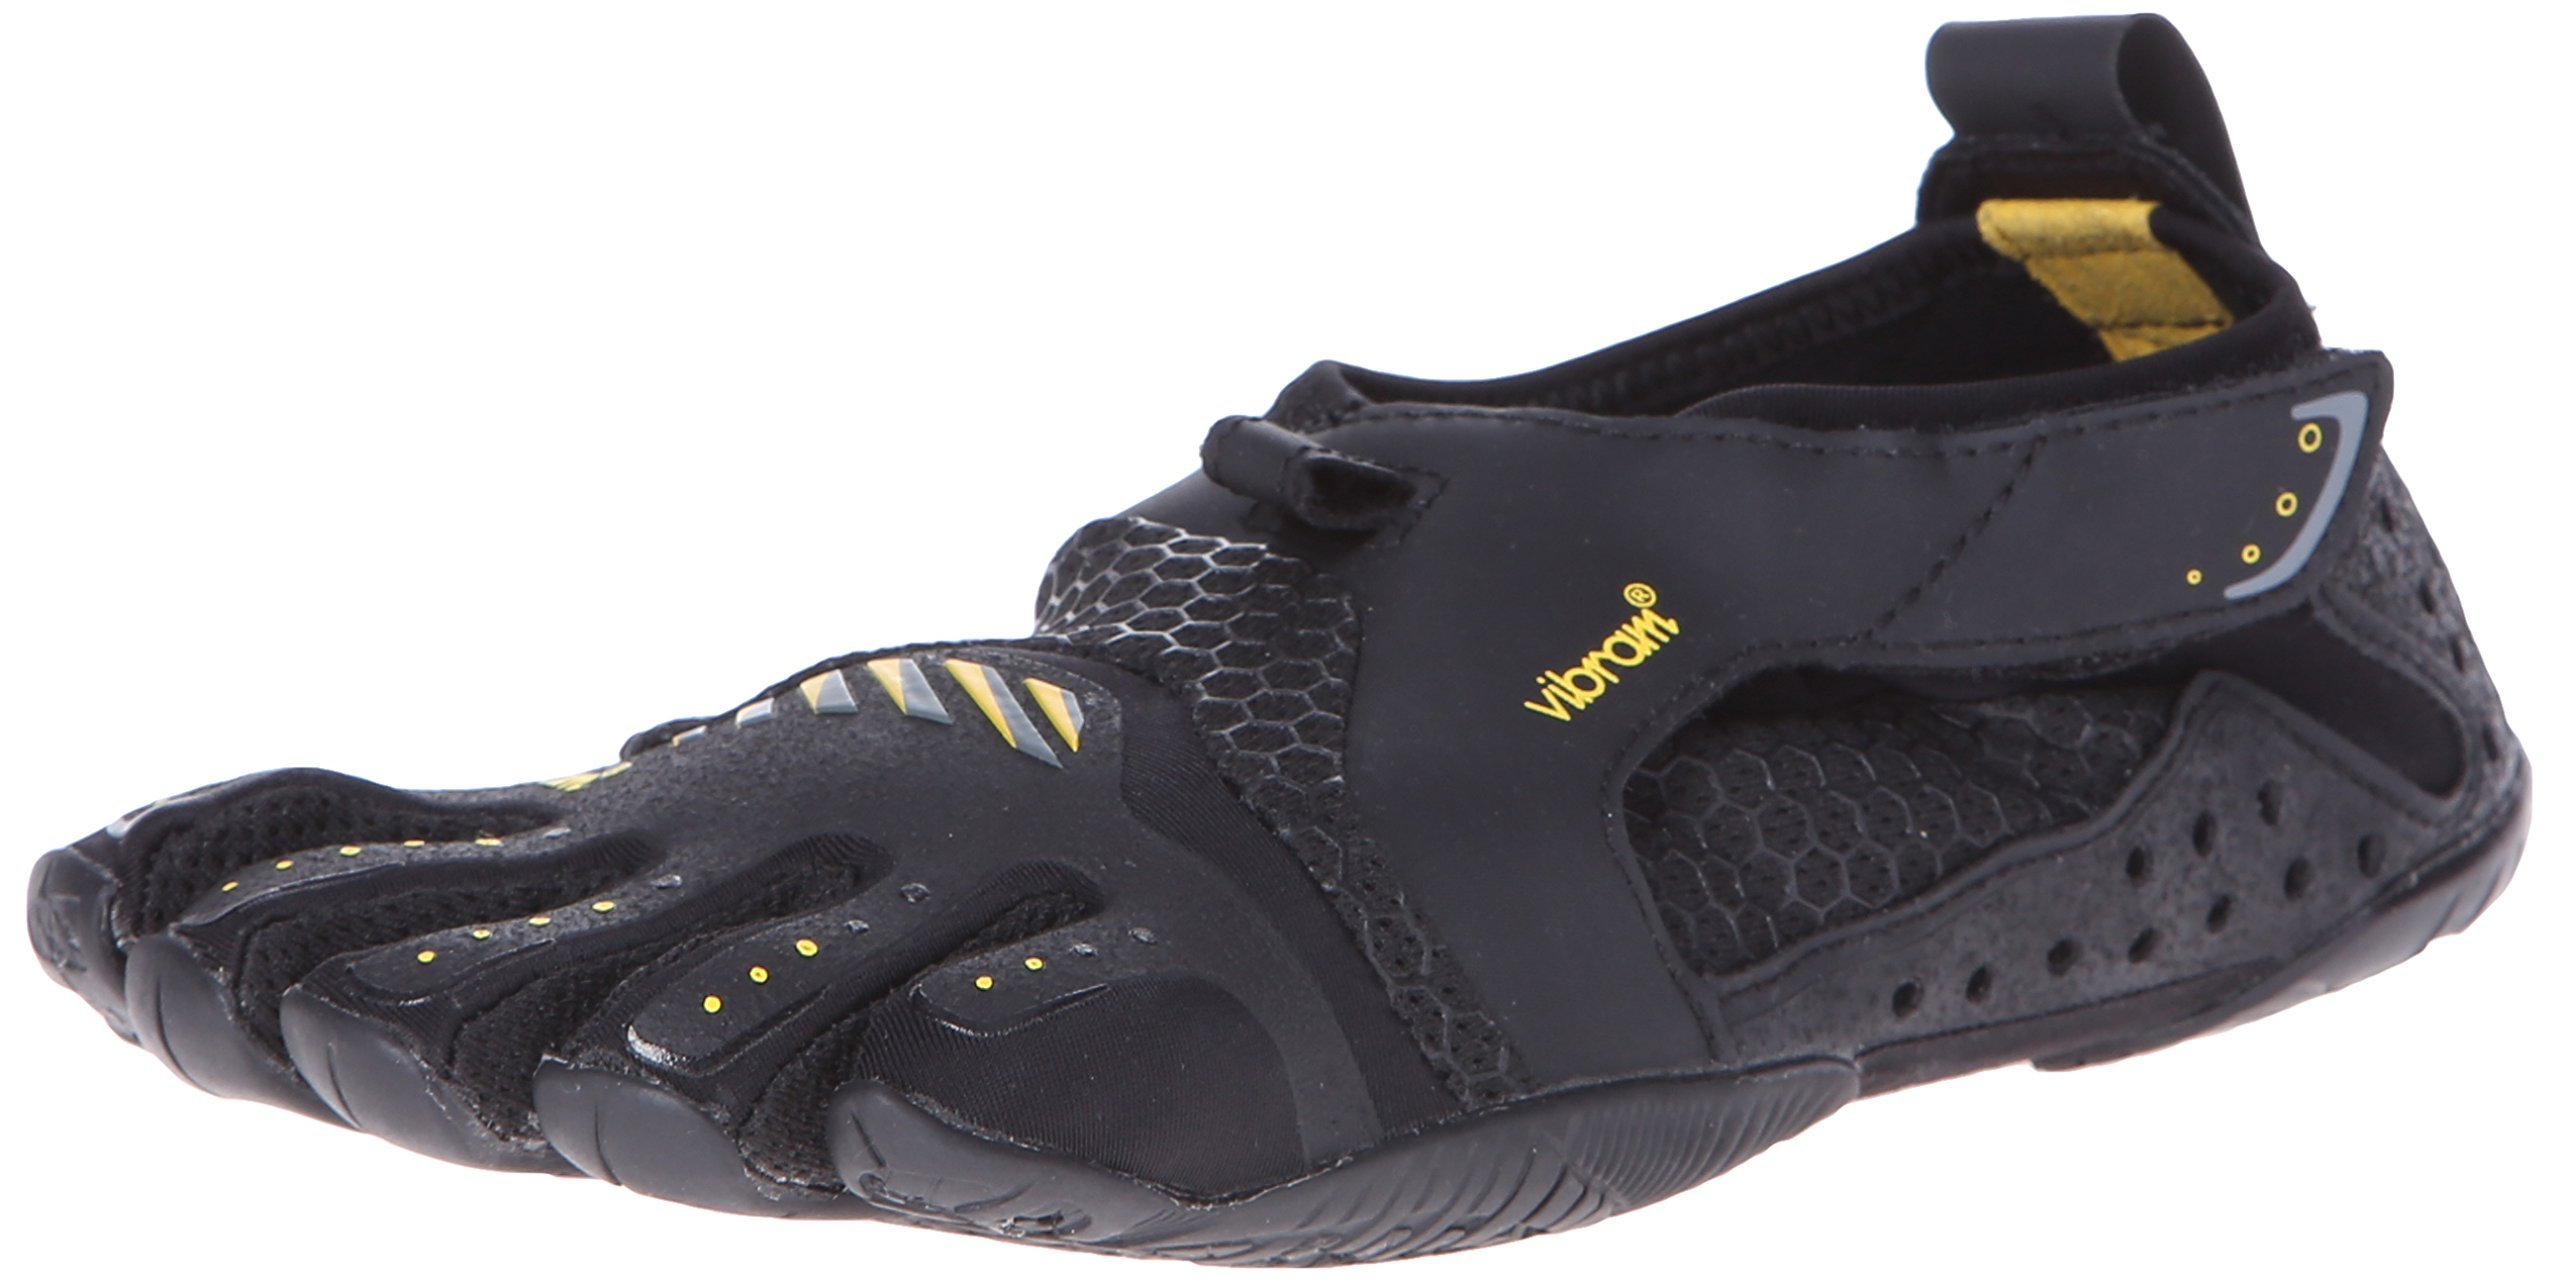 Vibram Women's Signa Water Shoe, Black/Yellow,37